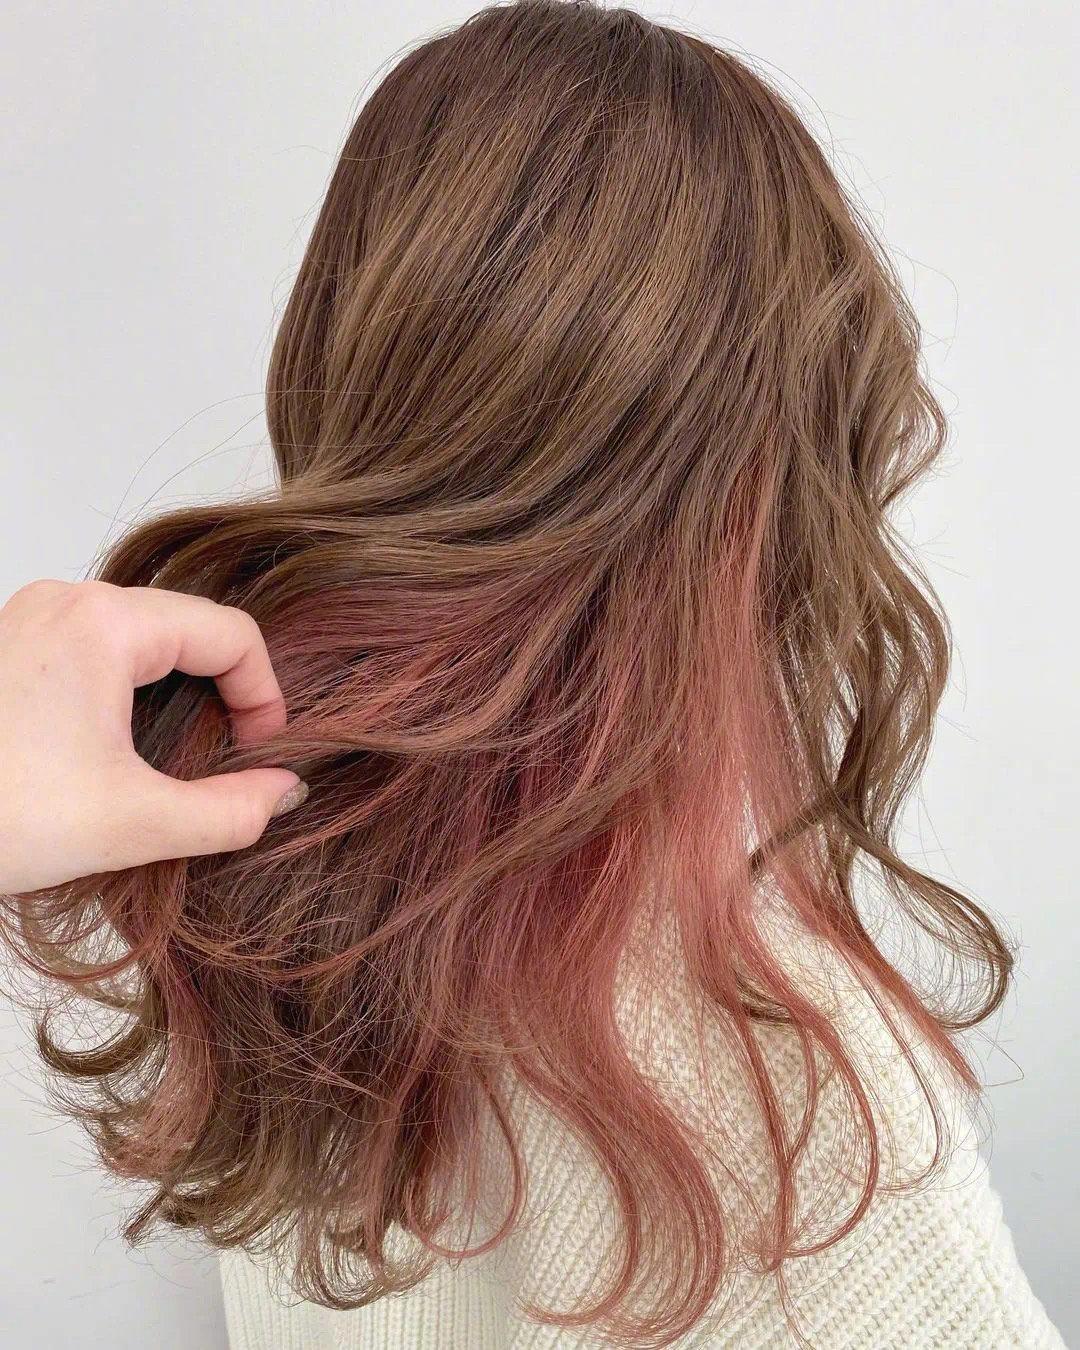 超A挂耳染 瞬间把妆容变得高级的发色